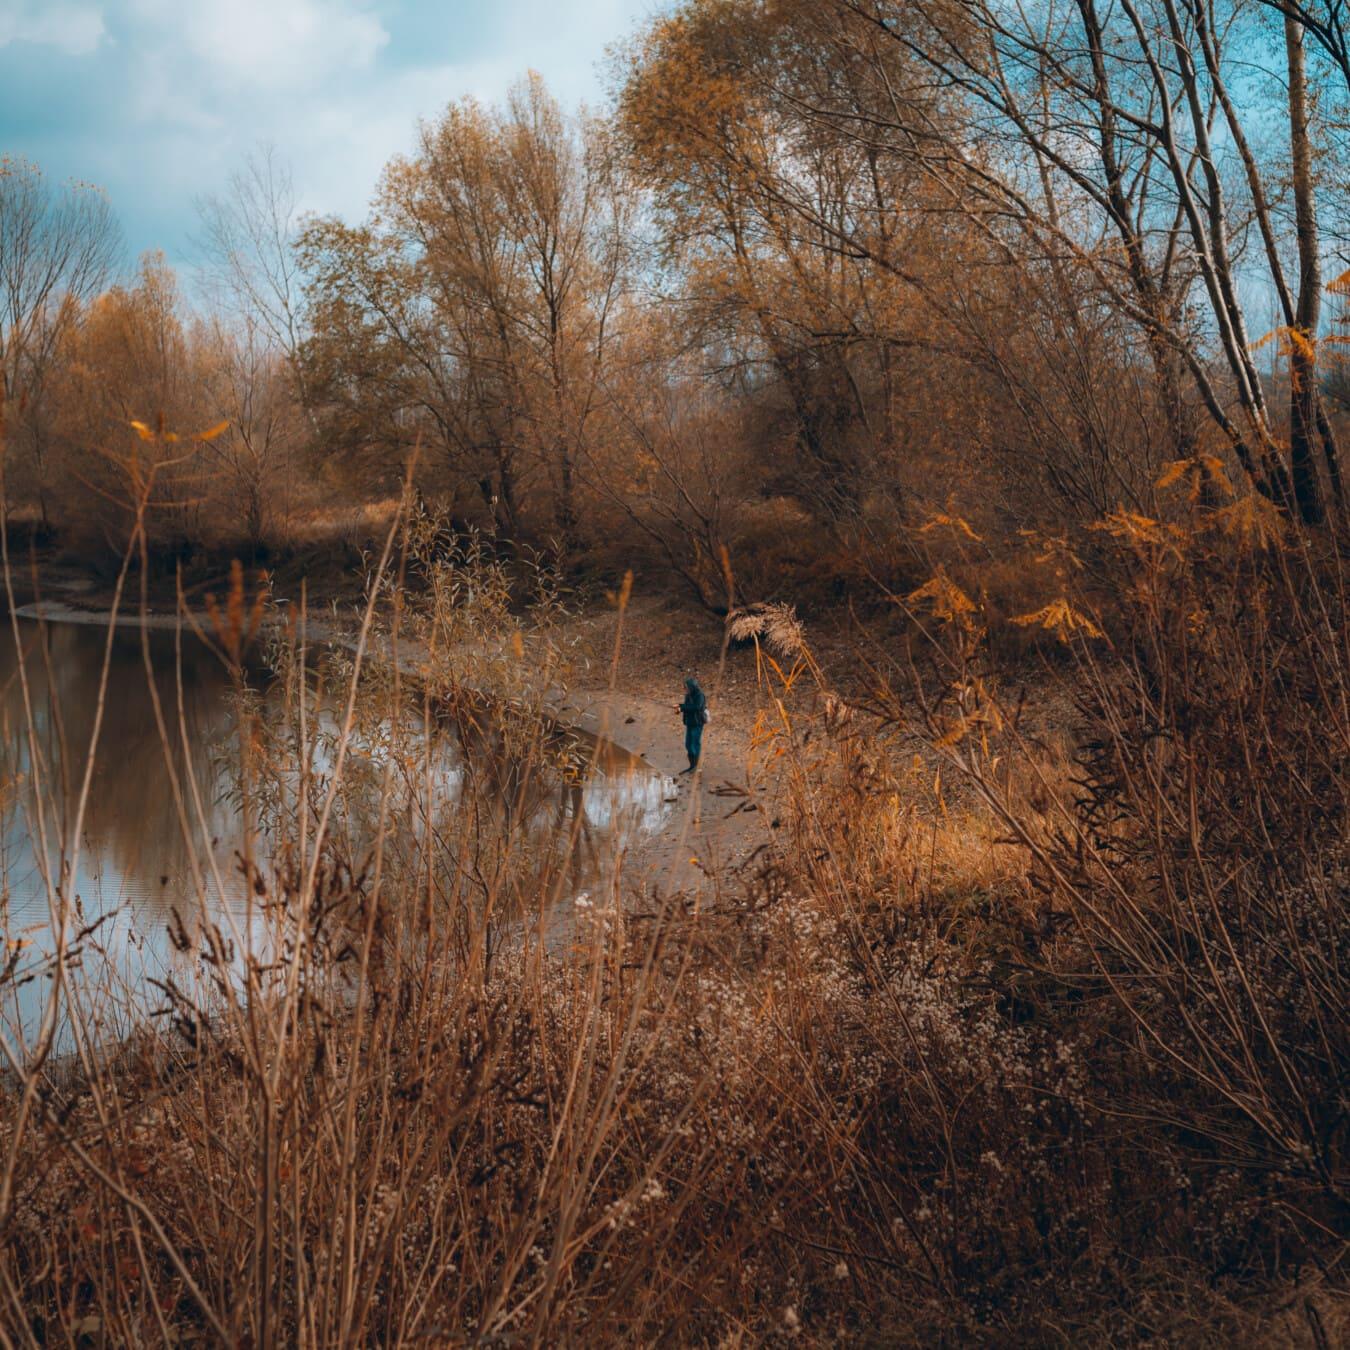 au bord du lac, plage, pêcheur, automne, octobre, Hiver, Hay, arbre, neige, paysage